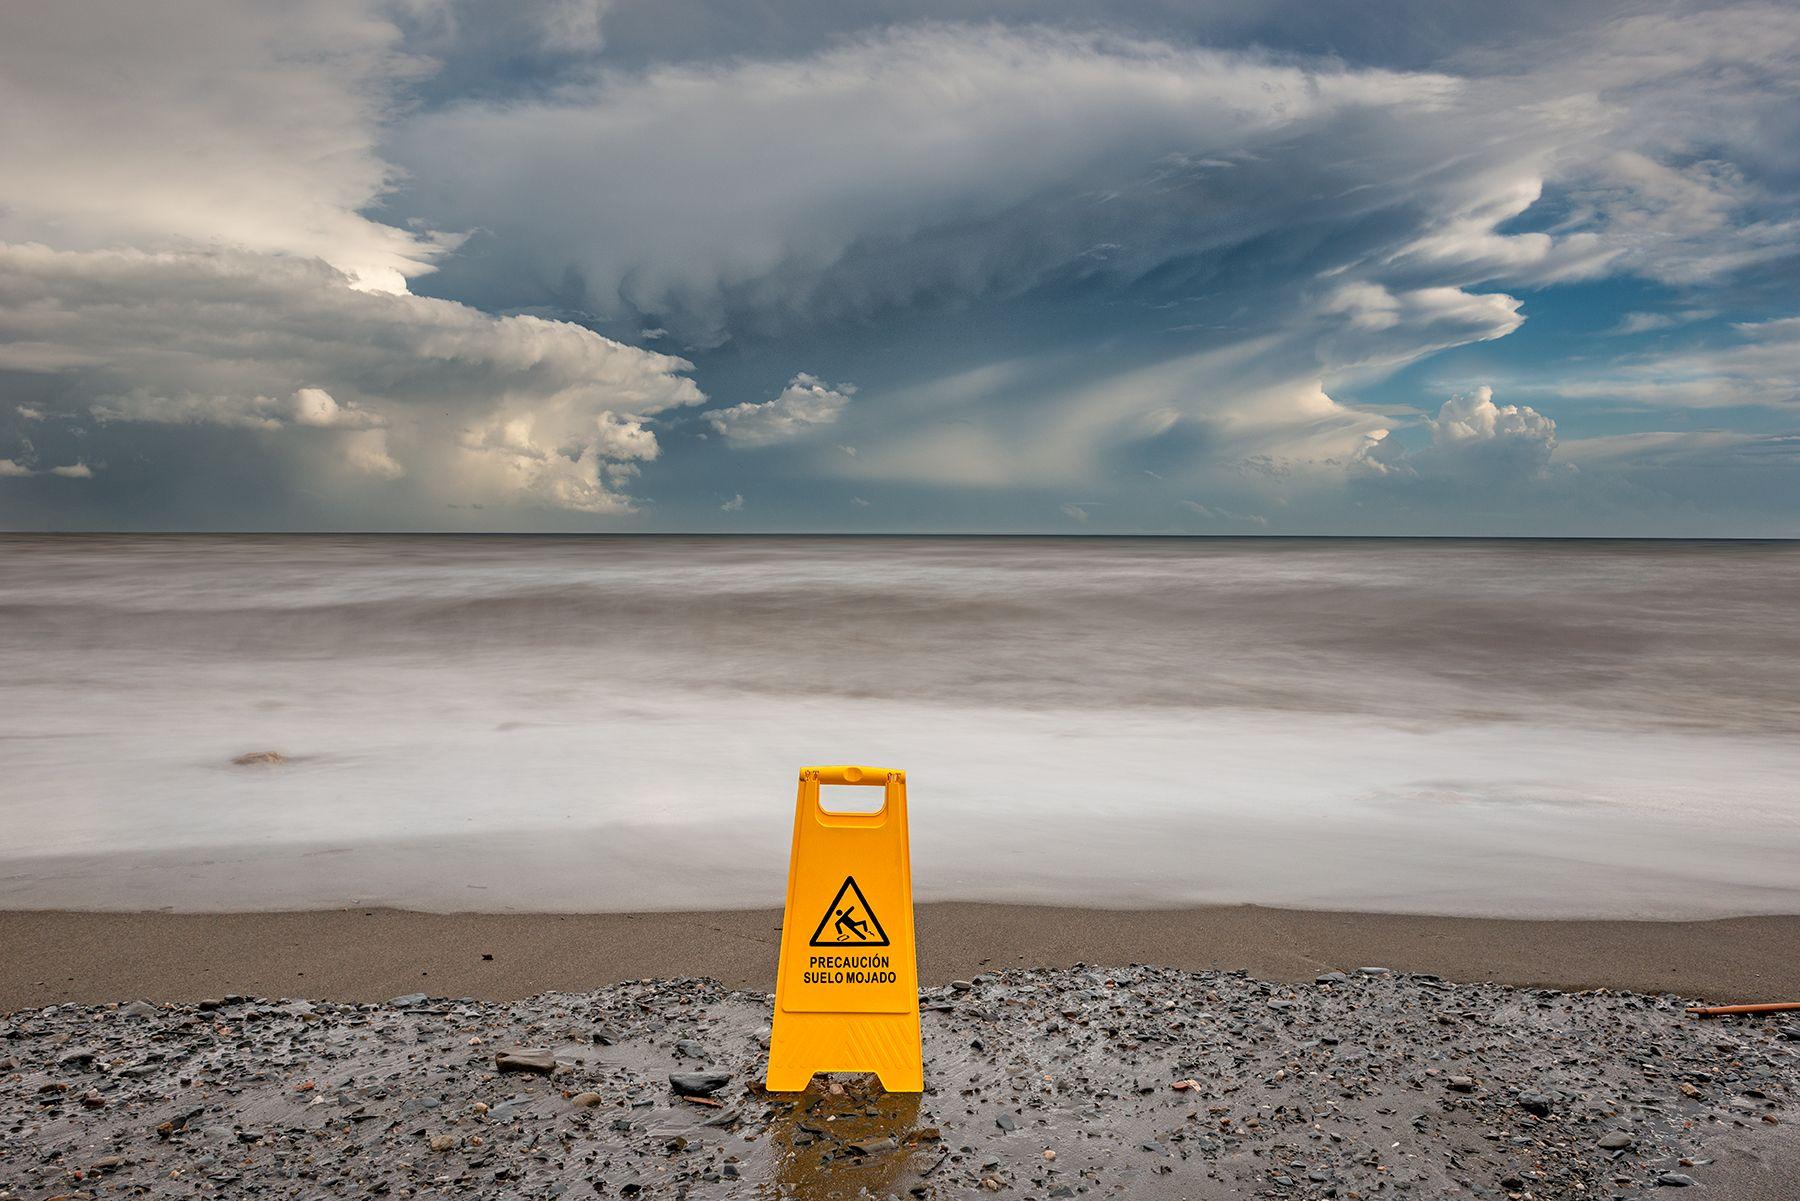 Precaución: suelo mojado